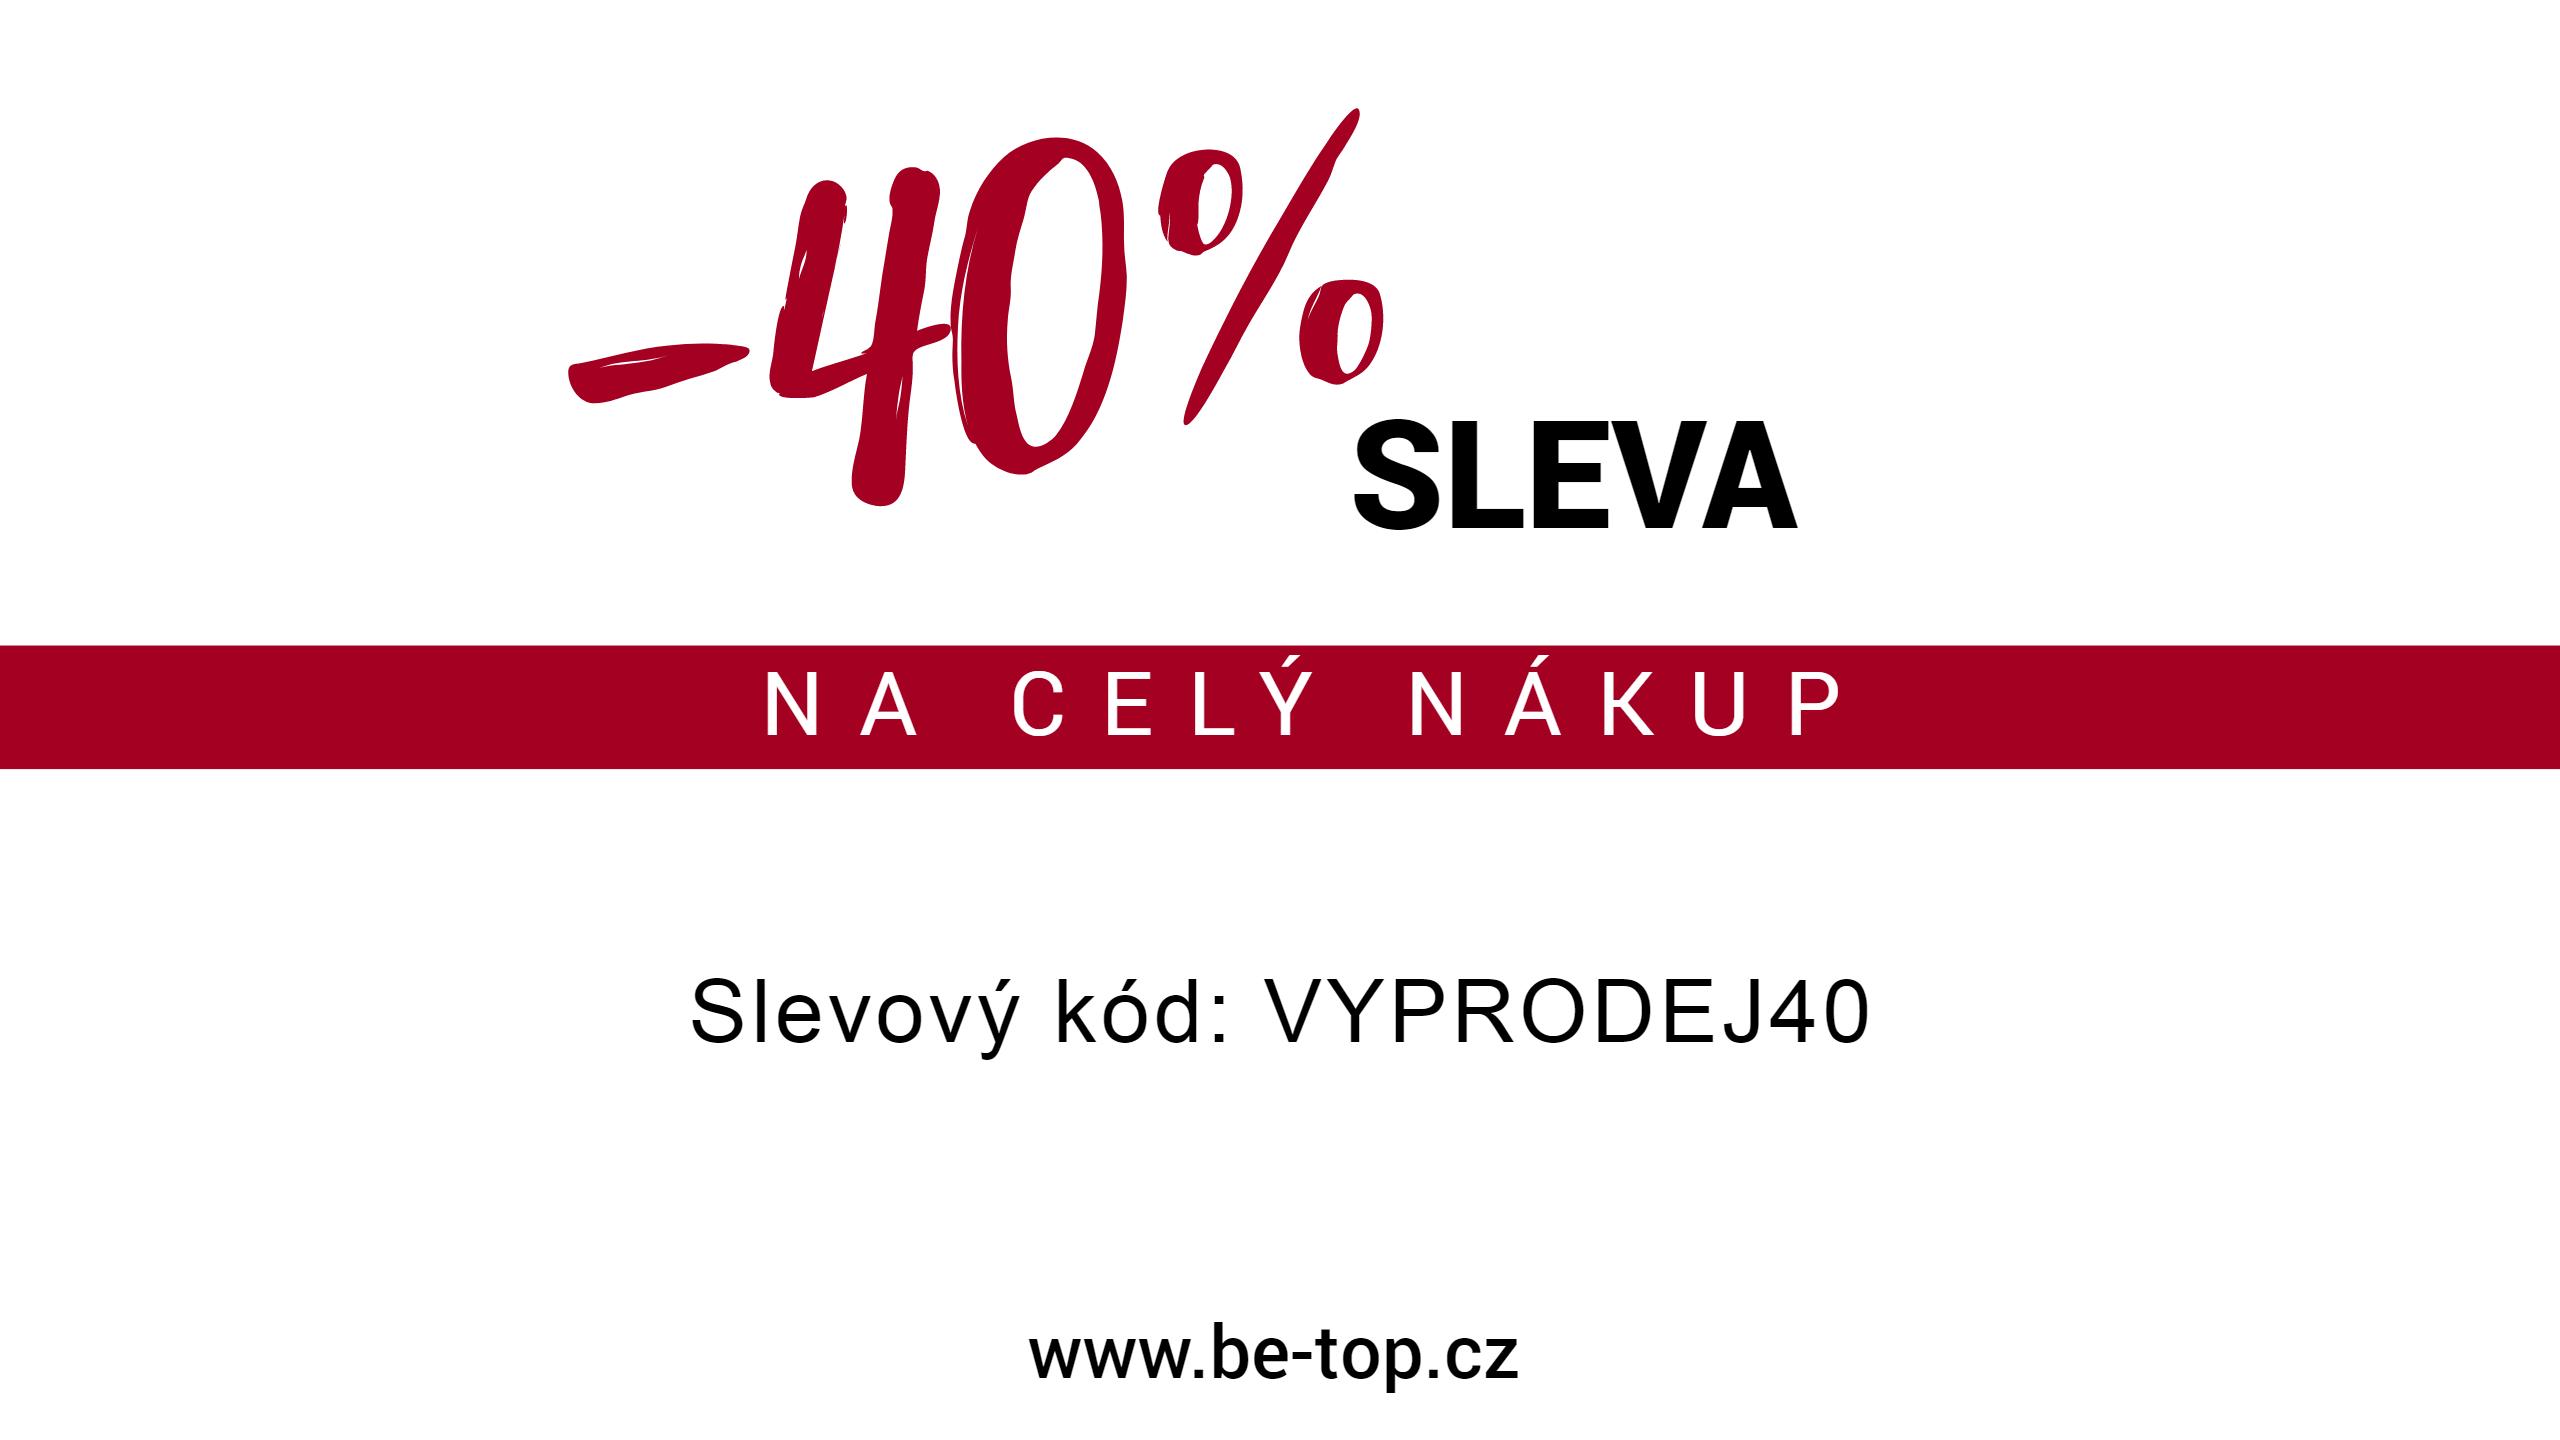 Vyprodej 40%